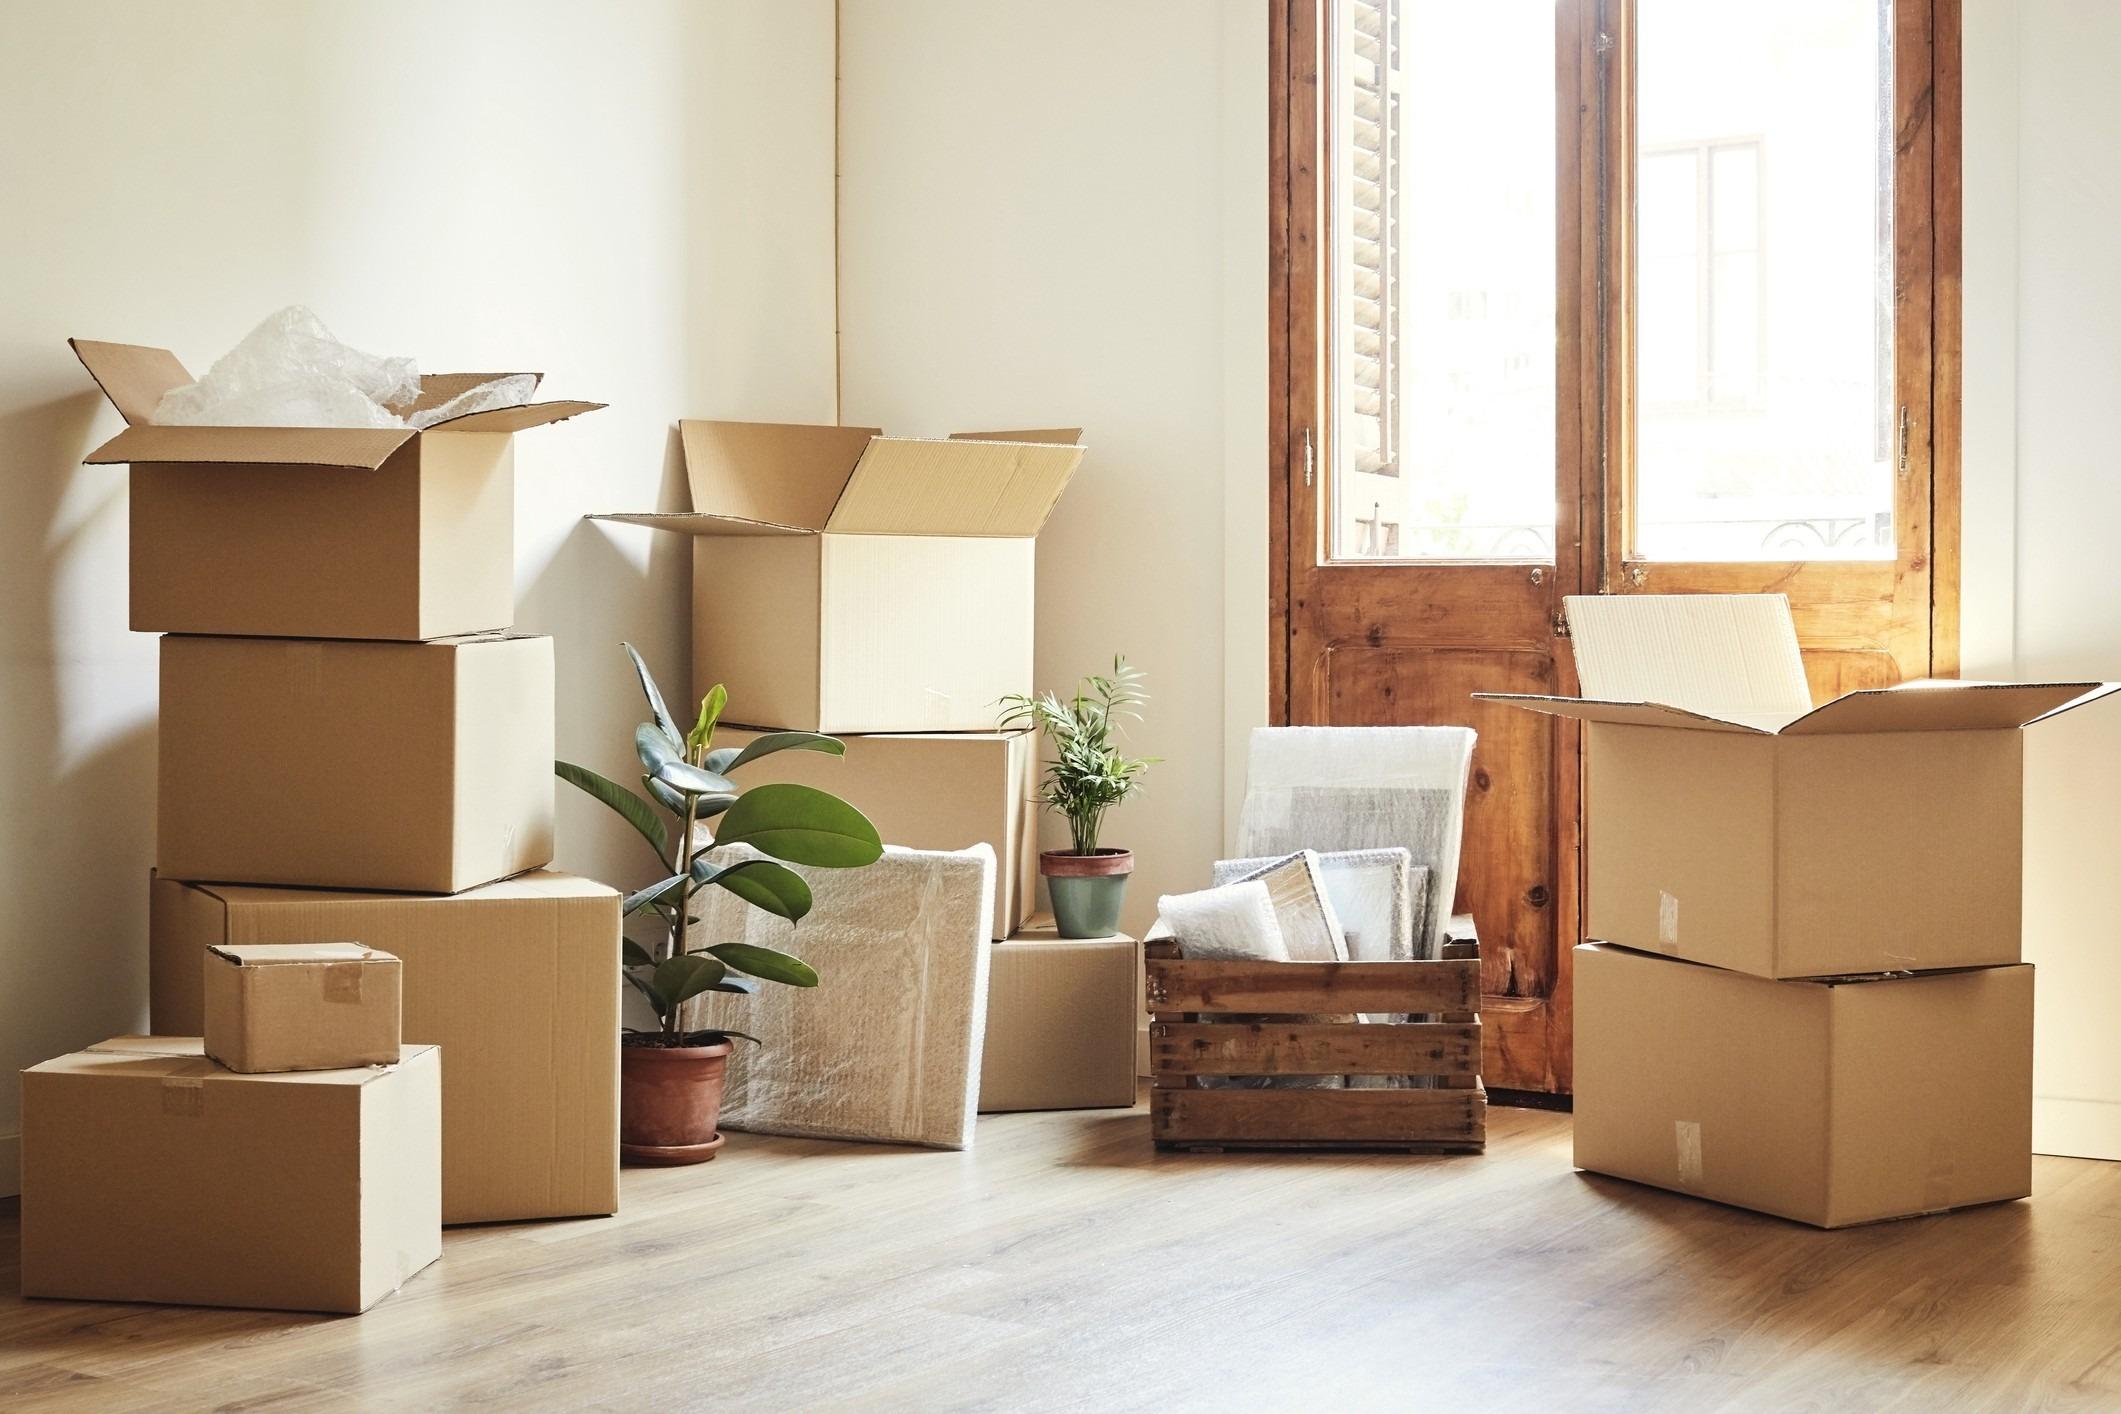 cajas para reforma